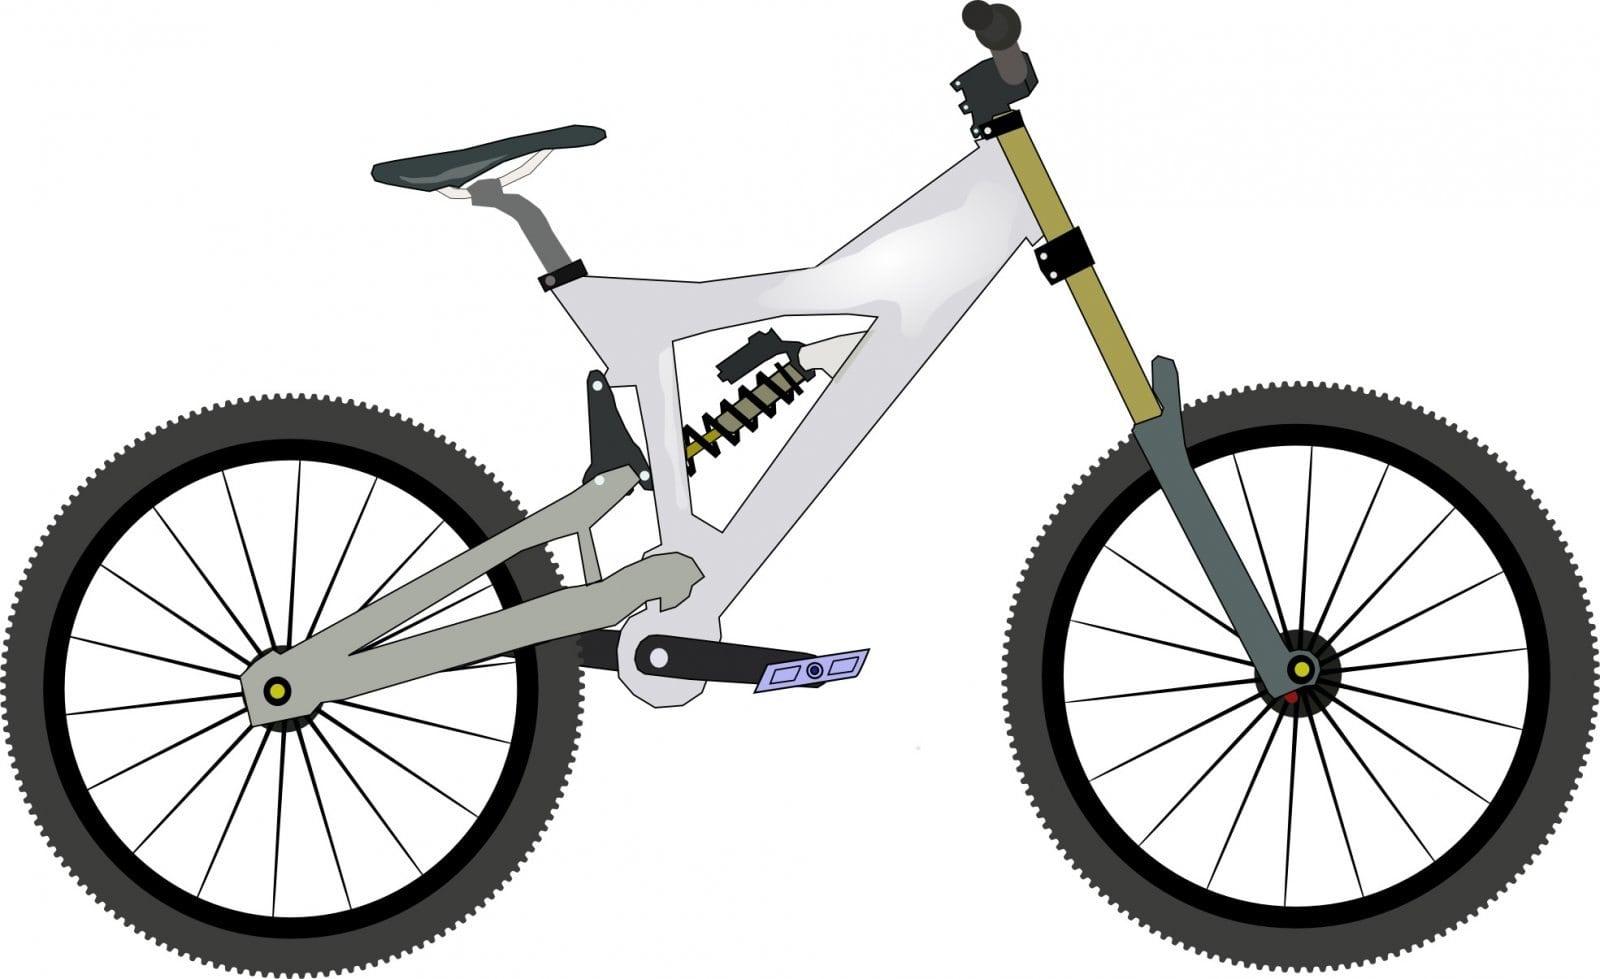 Bicicleta De Montanha Hd